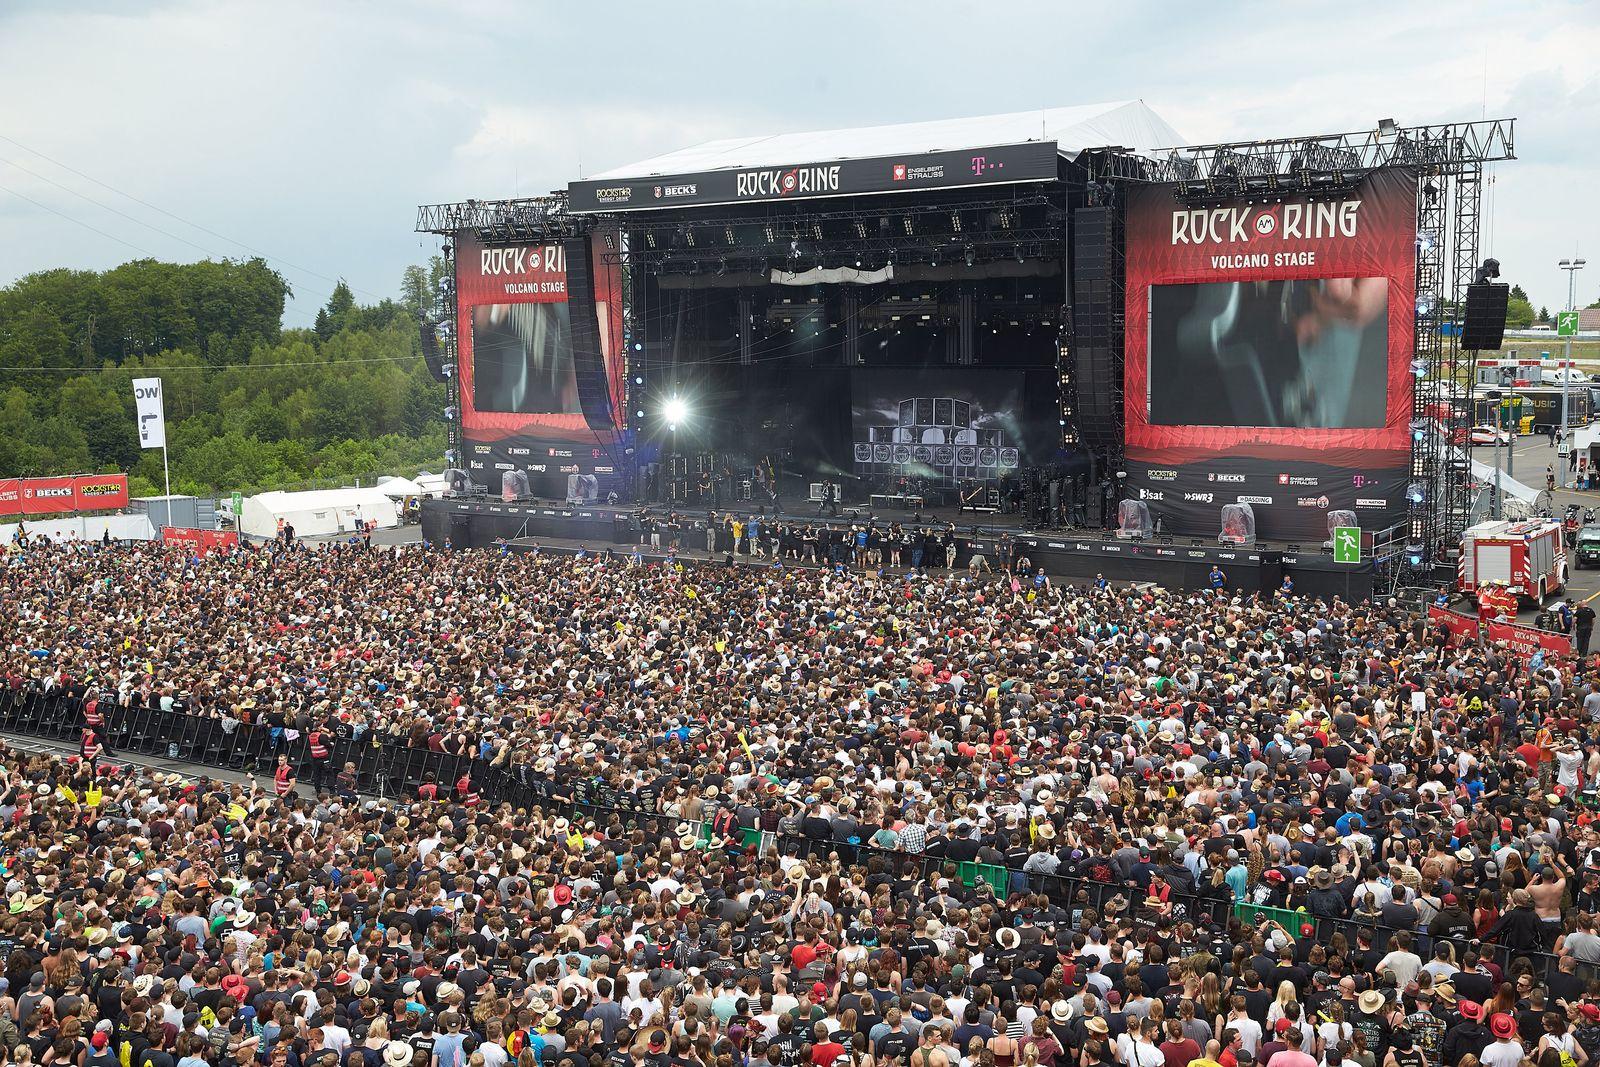 Musikfestival Rock am Ring